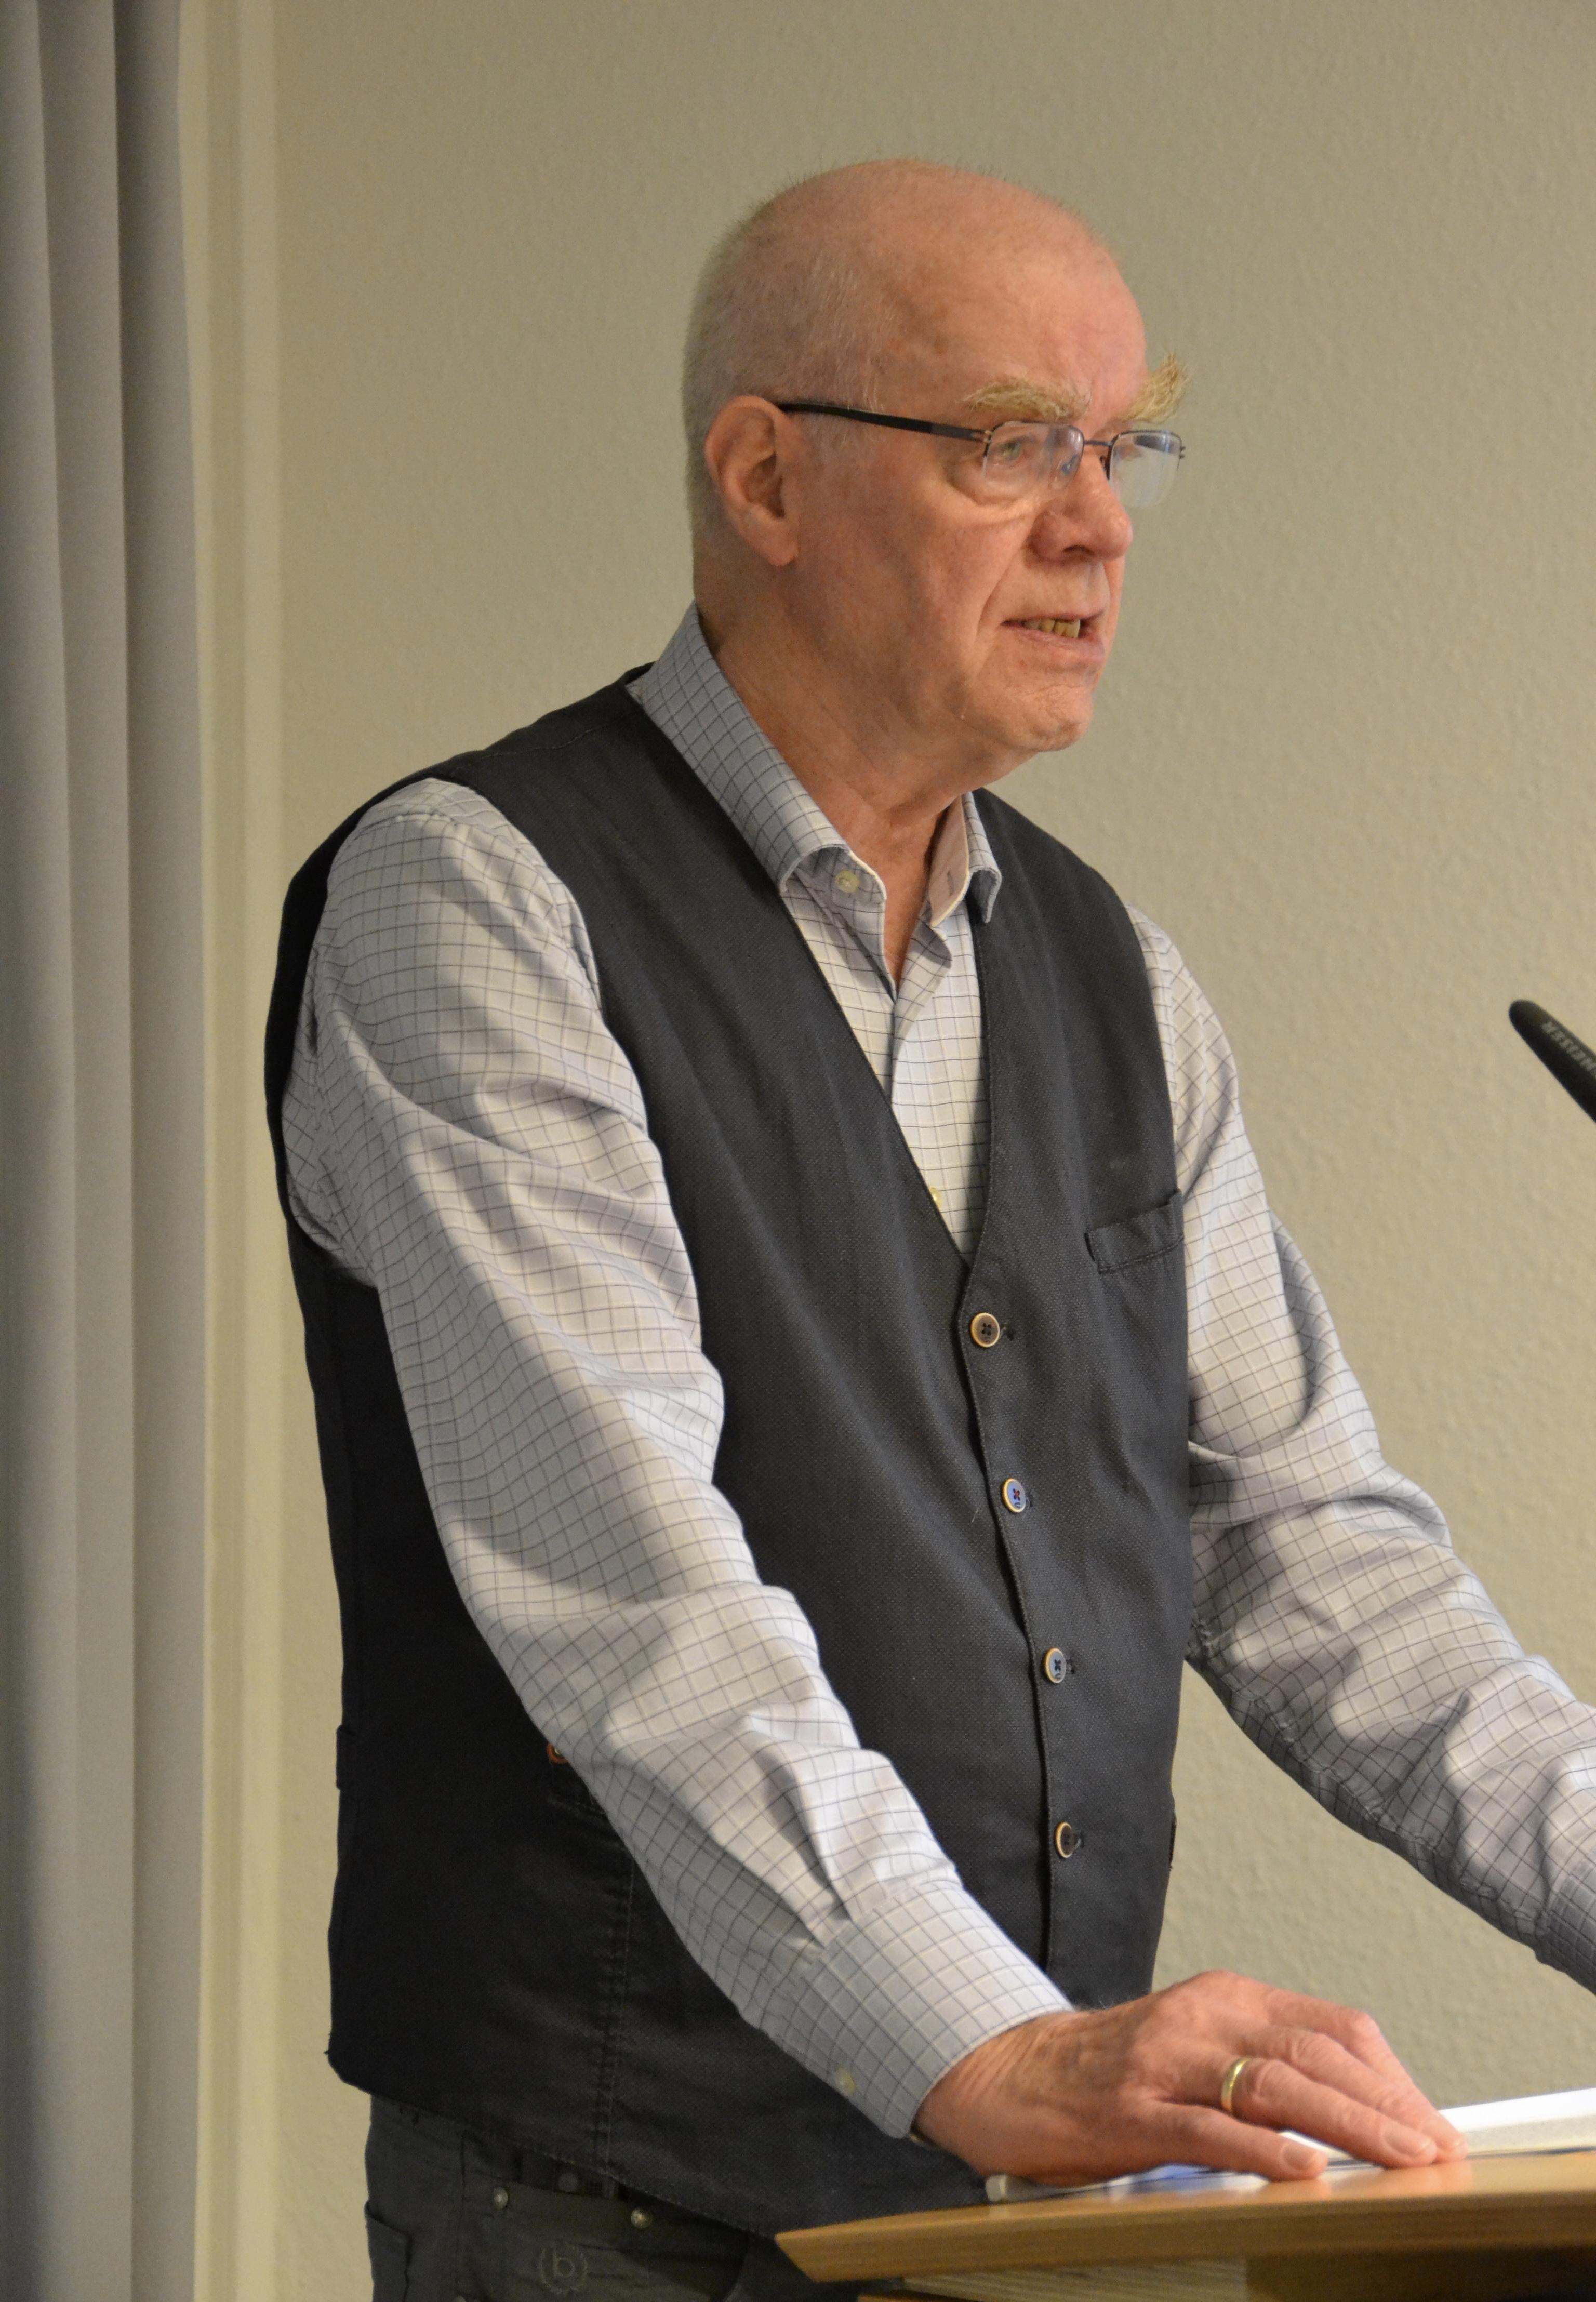 Ein großer älterer Herr mit einem Rest grauer kurzgeschorener Haare, buschigen rötlich-grauen Augenbrauen und Brille, der ein helles Hemd und eine dunkle Weste darüber trägt, spricht in ein Mikro.